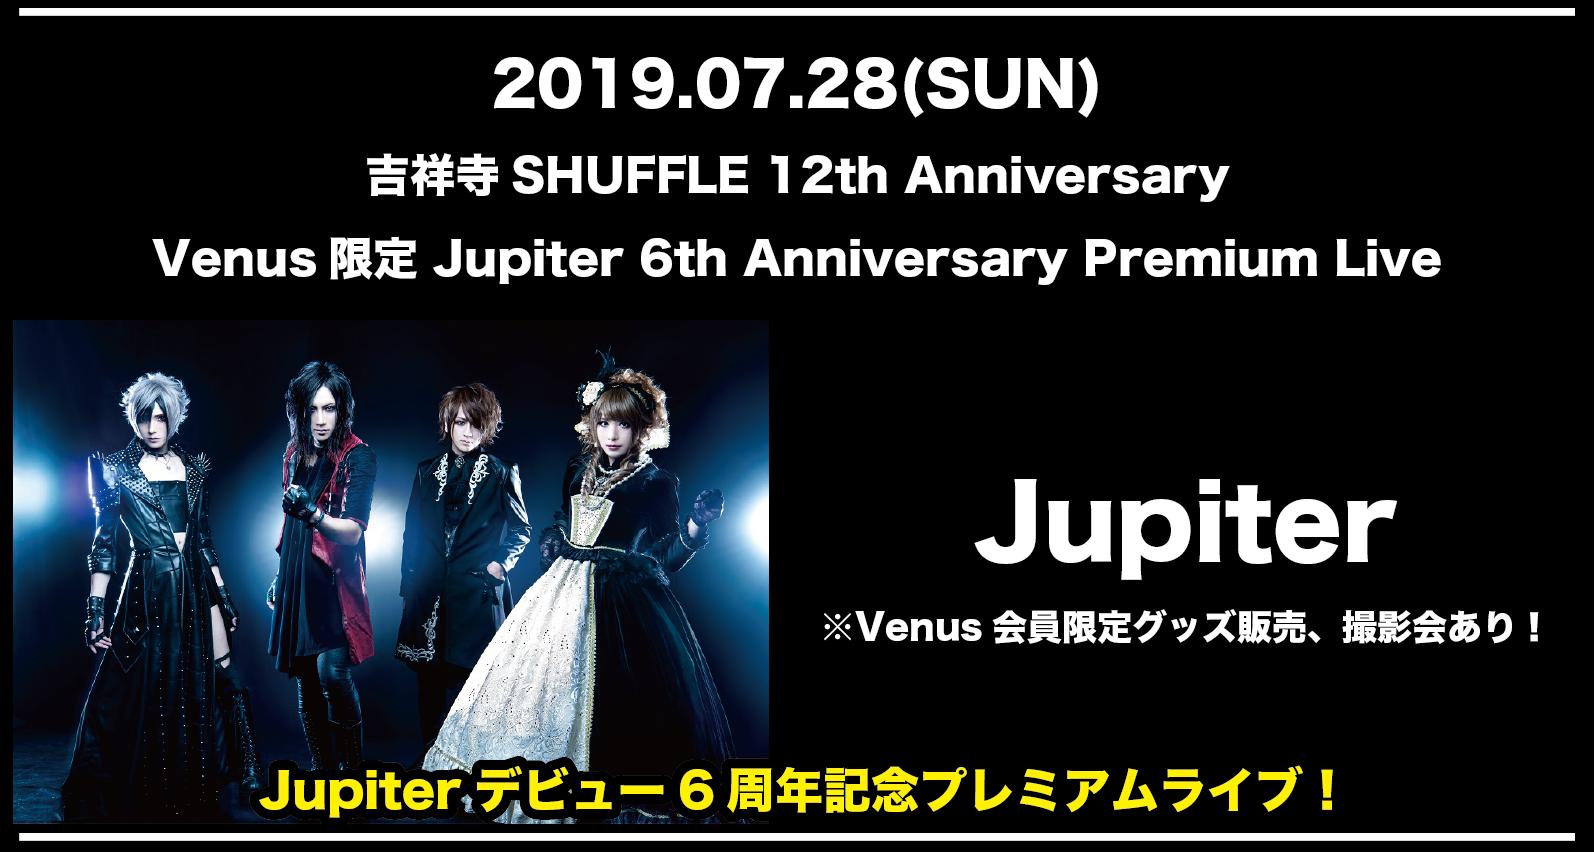 吉祥寺SHUFFLE 12th Anniversary Venus限定 Jupiter 6th Anniversary Premium Live